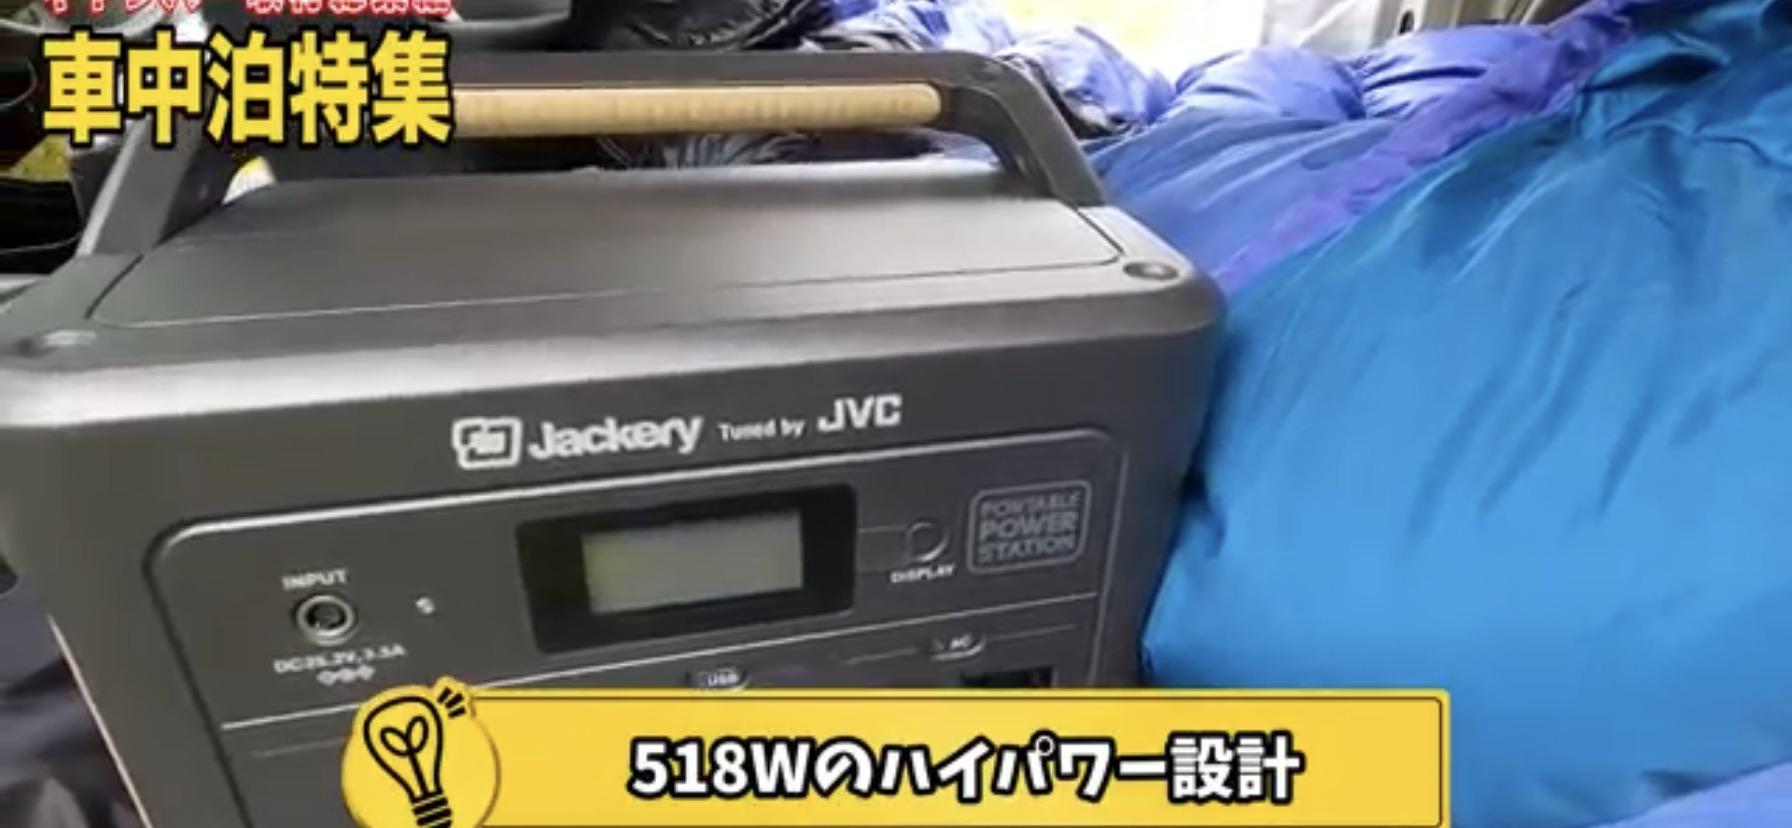 ポータブル電源:【Jackery】